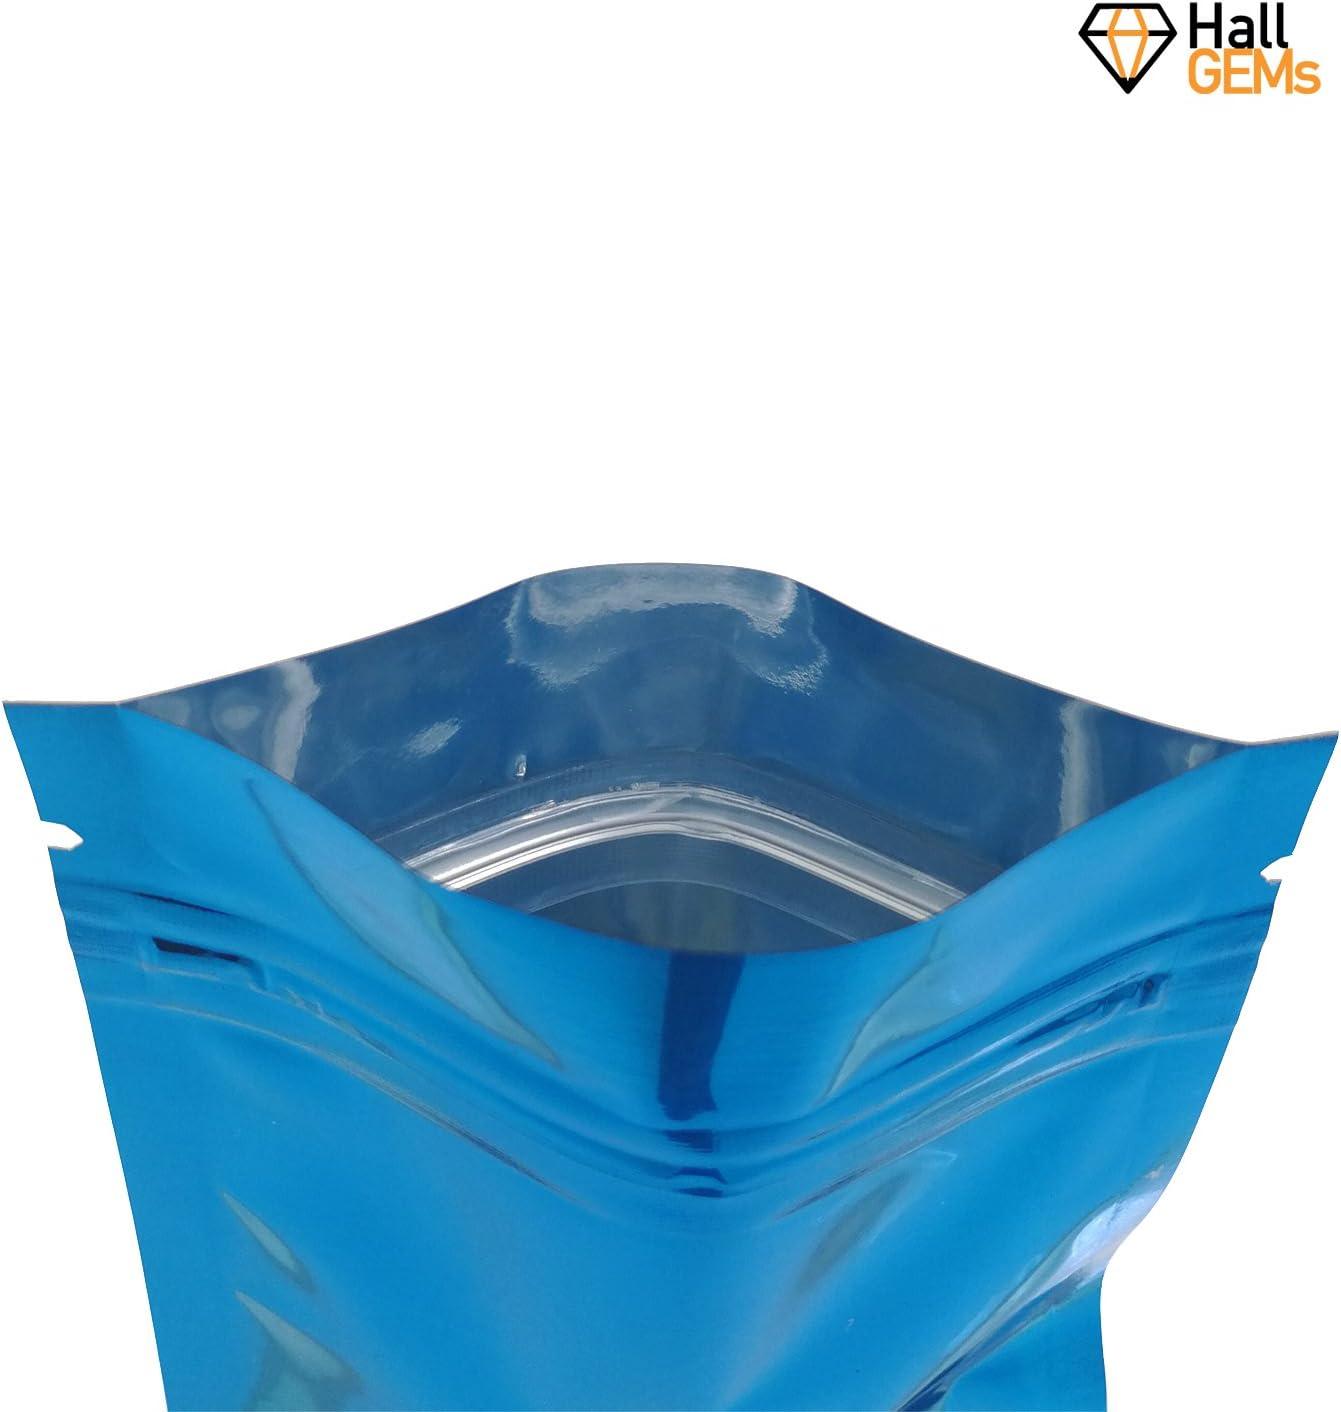 8,5 x 13 cm para almacenar alimentos bolsa resellable por HallGEMs Bolsas de aluminio Mylar con cierre de cremallera a prueba de olores 100 unidades color azul